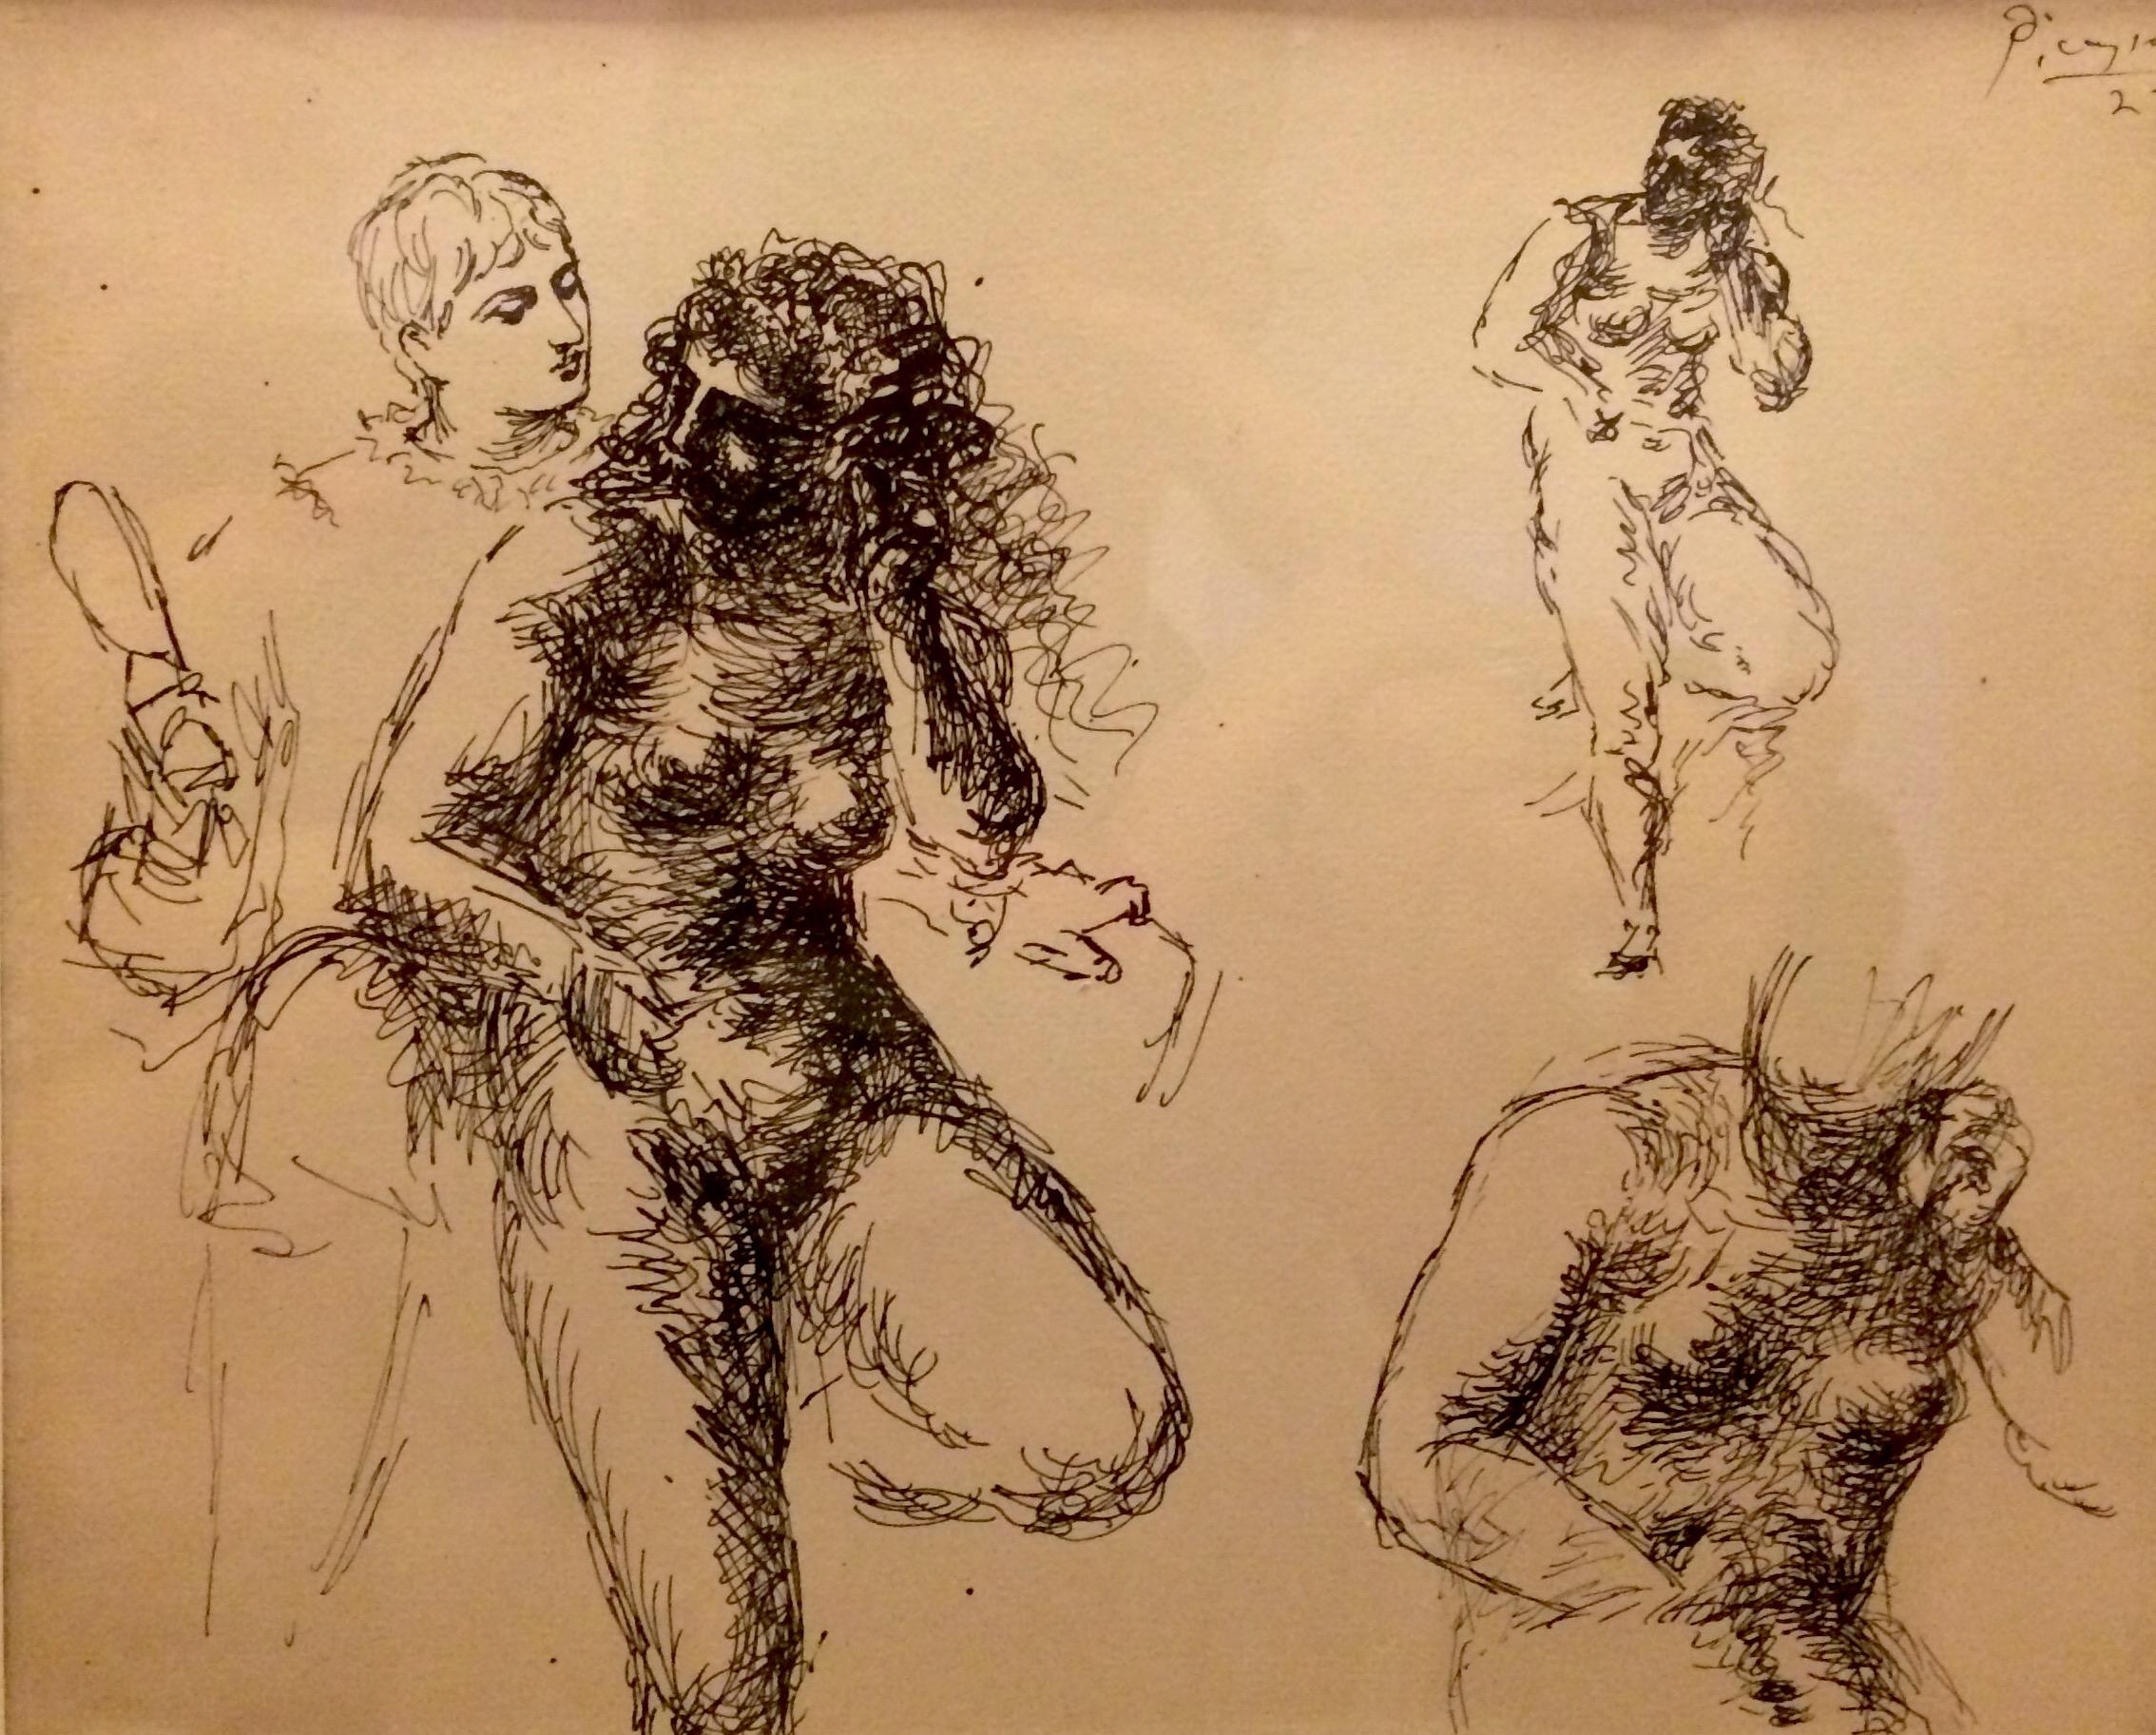 Picasso korai műve, ebből kiderül, hogy tényleg nagyon tudott rajzolni